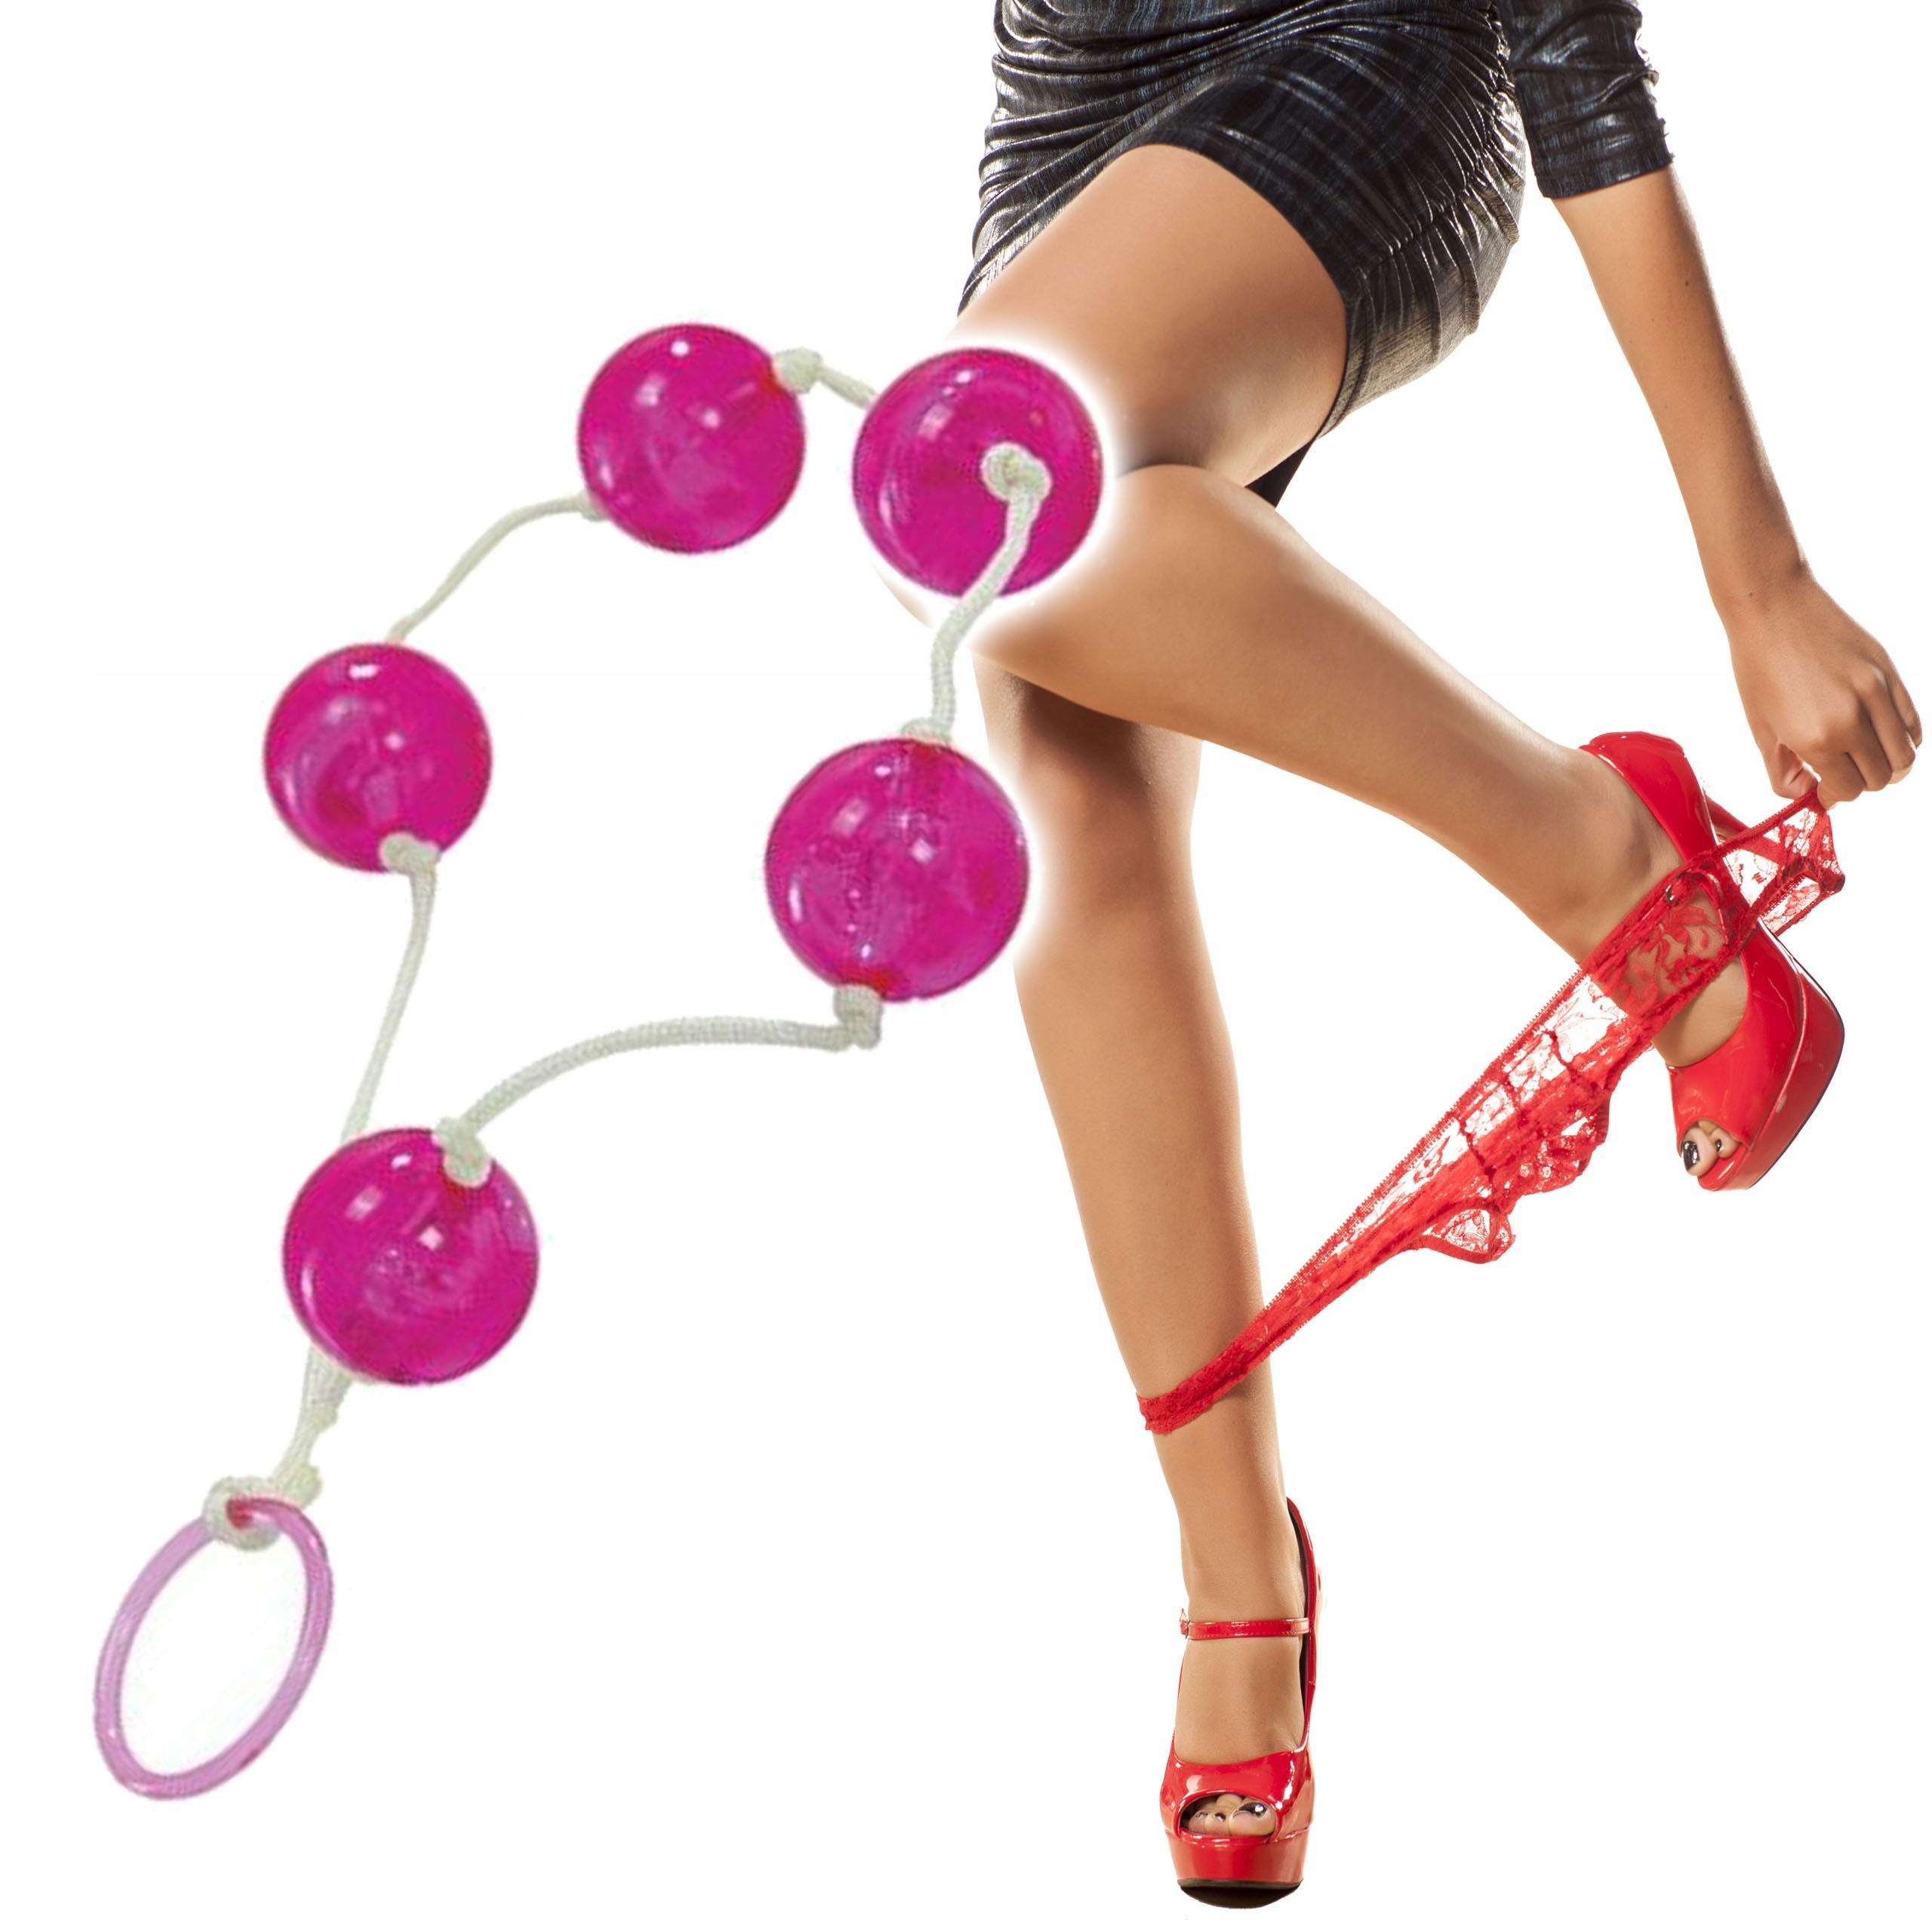 Анальные шарики - женское счастье